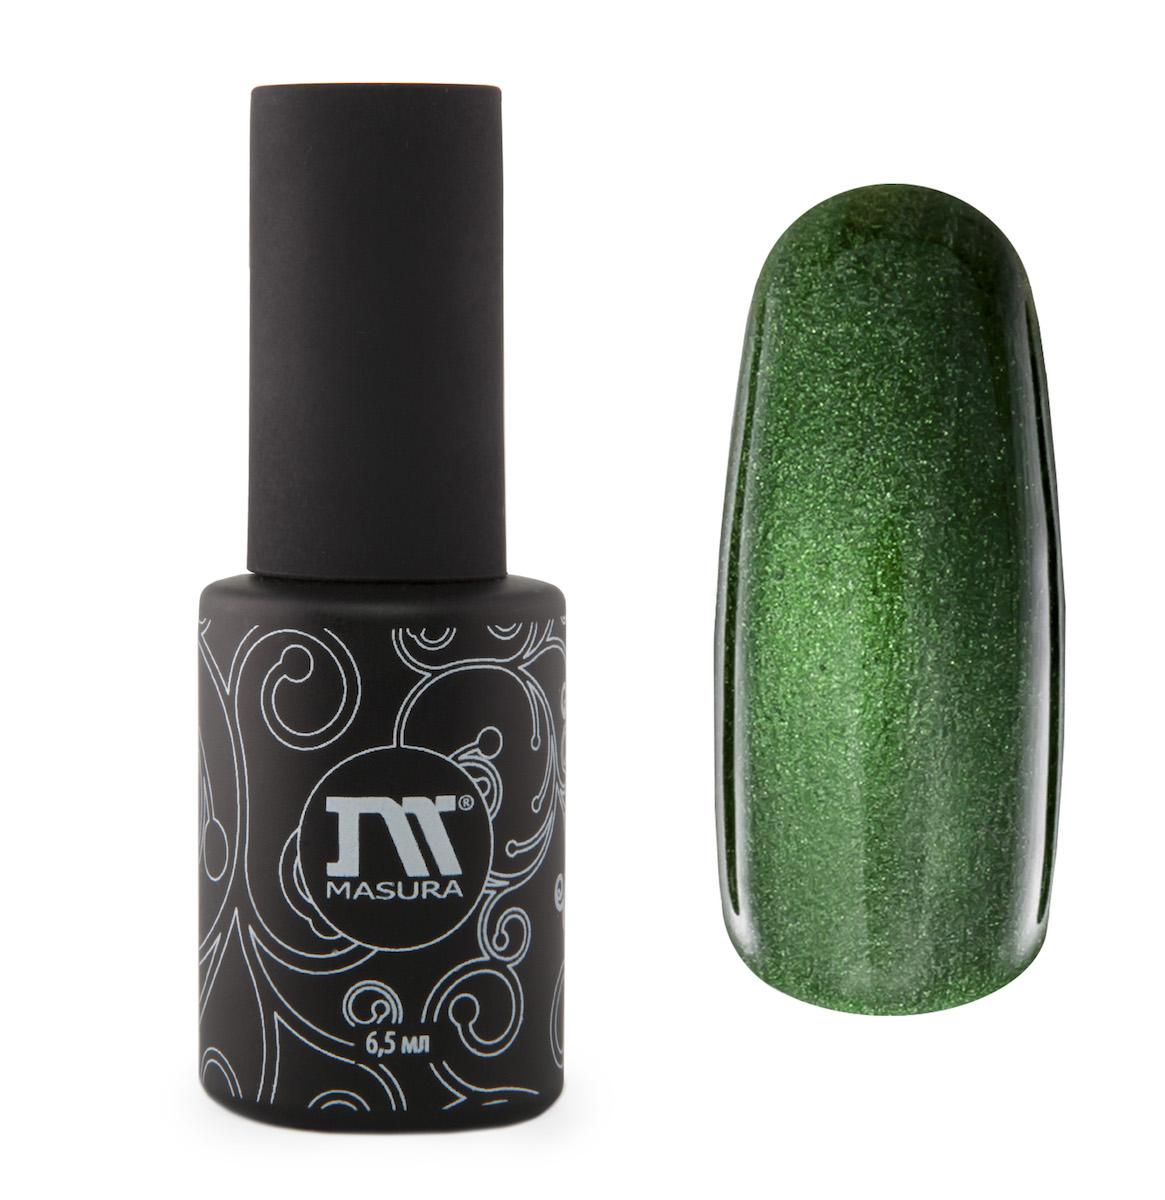 Masura Гель-лак Фаберже, 6,5 мл30536046115теплый изумрудно-зеленый, с зеркальным переливом, плотный